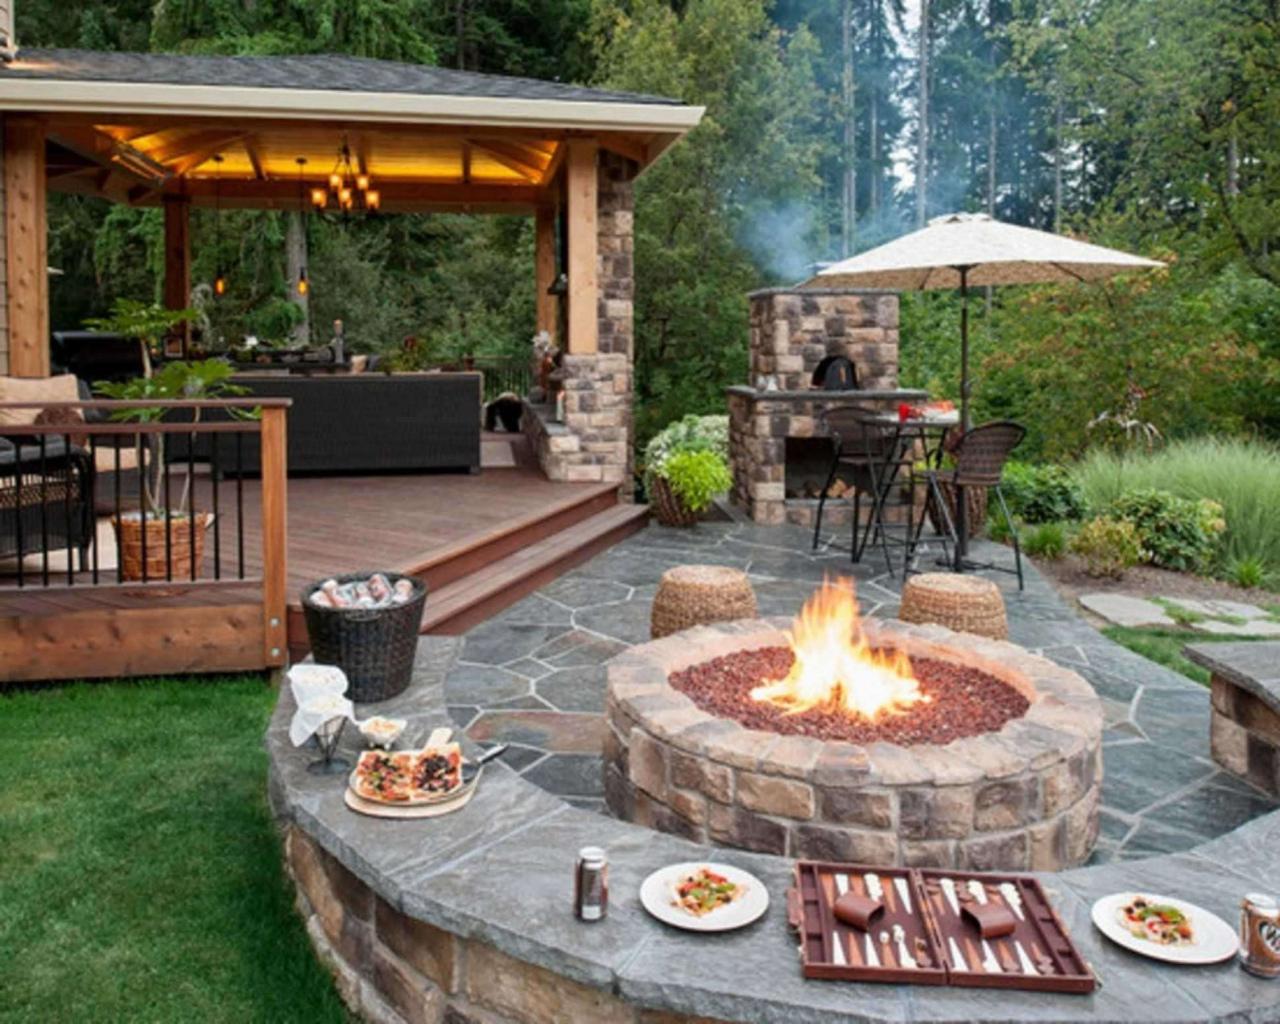 backyard patio ideas garten design inspiration inspirierend patio backyard ideas elegant durch backyard patio ideas